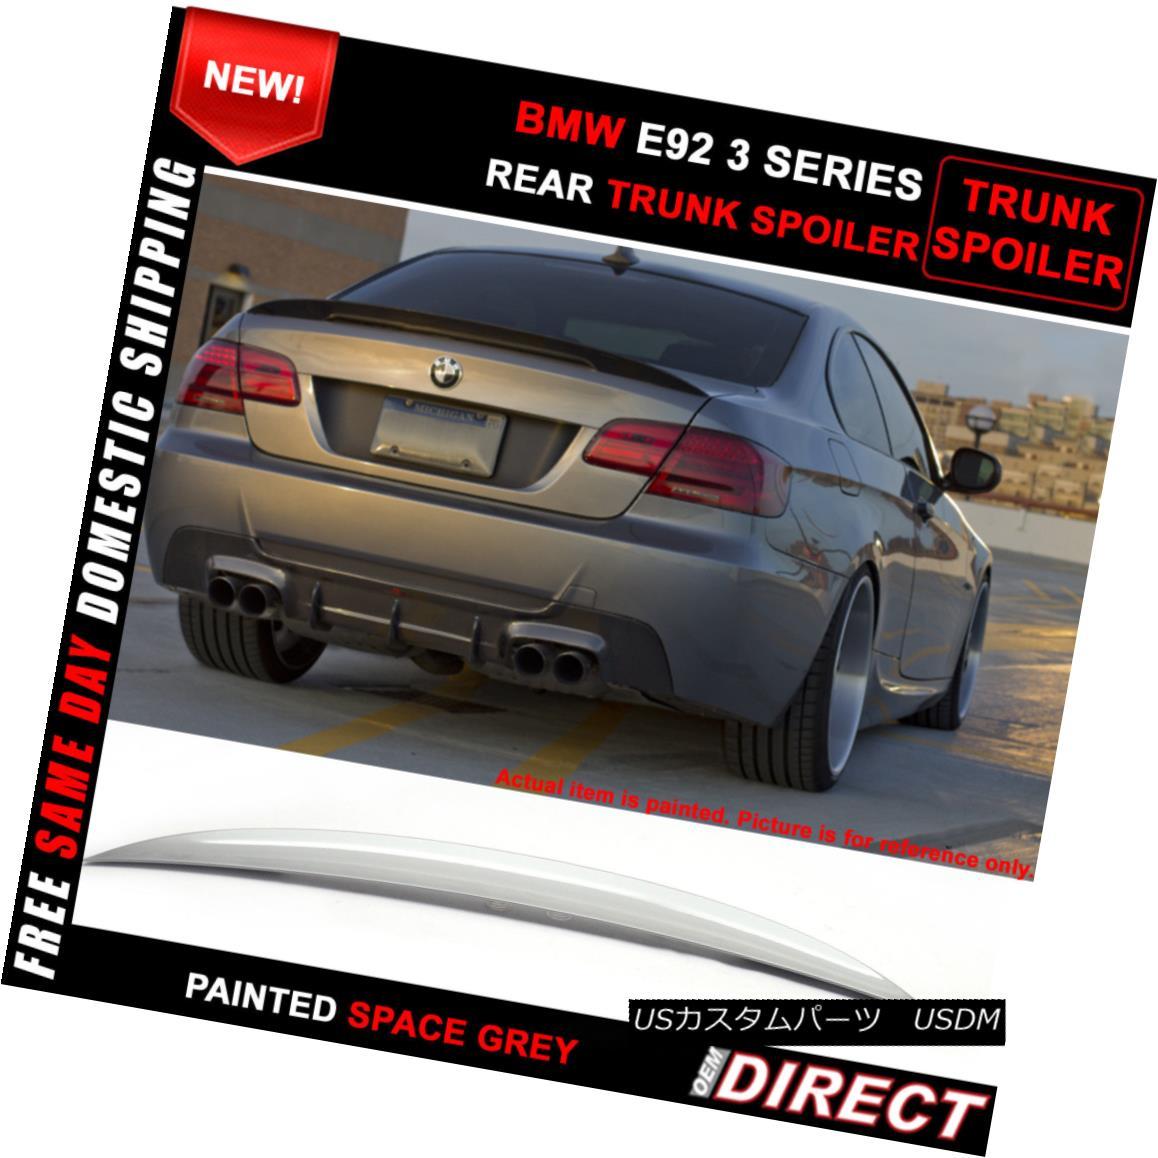 エアロパーツ 07-13 BMW E92 Coupe P Style Color Code #A52 Paint ABS Trunk Spoiler 07-13 BMW E92クーペPスタイルカラーコード#A52ペイントABSトランク・スポイラー